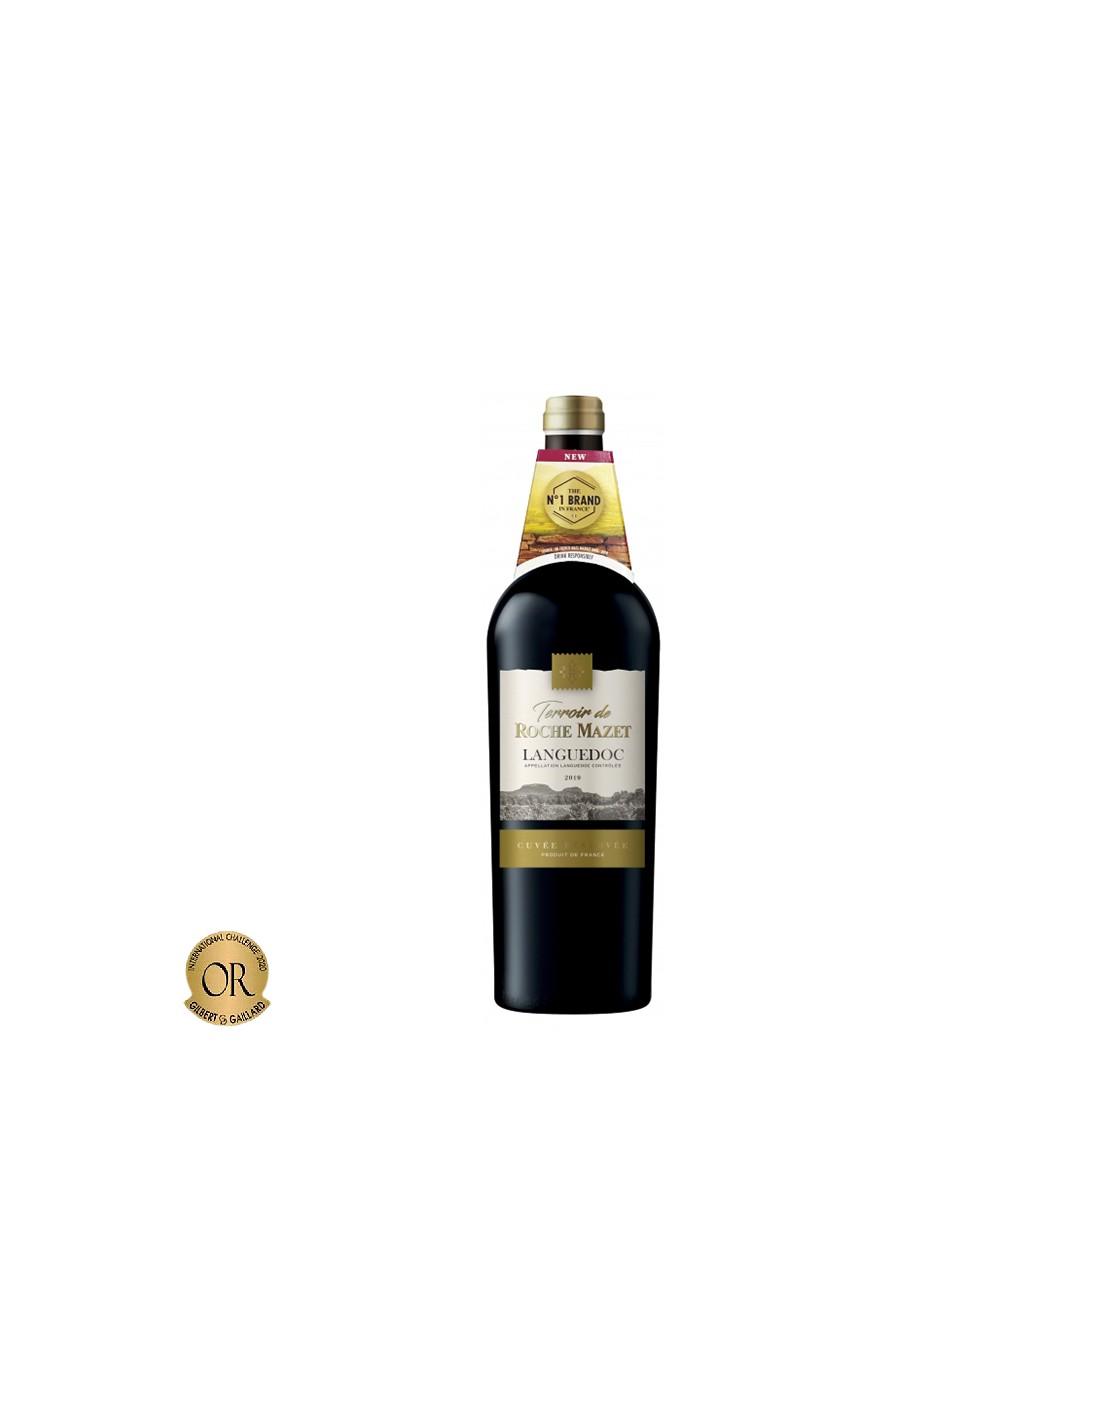 Vin rosu, Cupaj, Terroir de Roche Mazet, Languedoc Cuvee Reserve, 0.75L, 14.5% alc., Franta